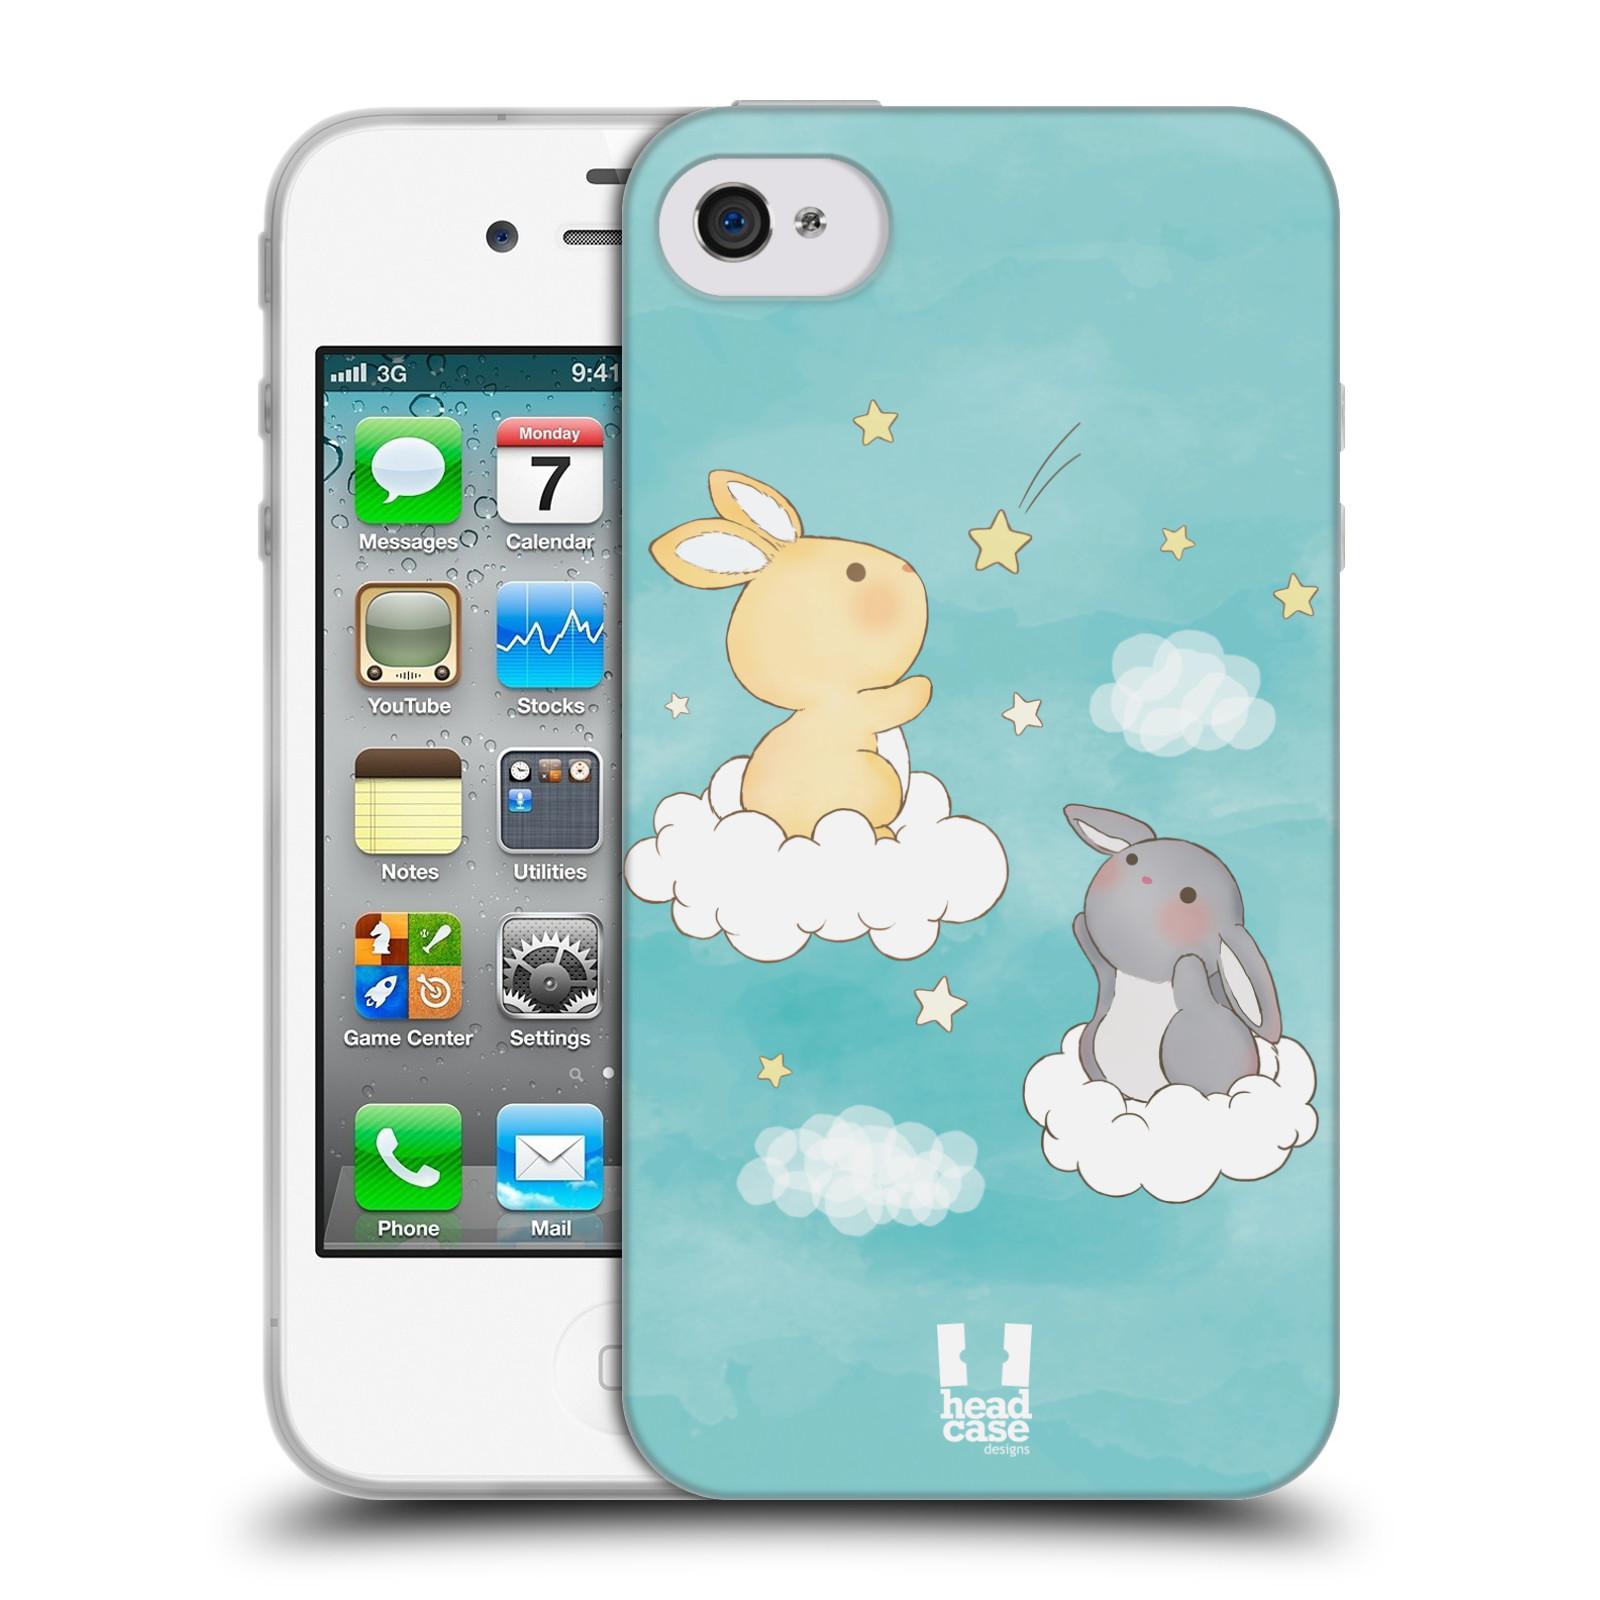 HEAD CASE silikonový obal na mobil Apple Iphone 4/4S vzor králíček a hvězdy modrá